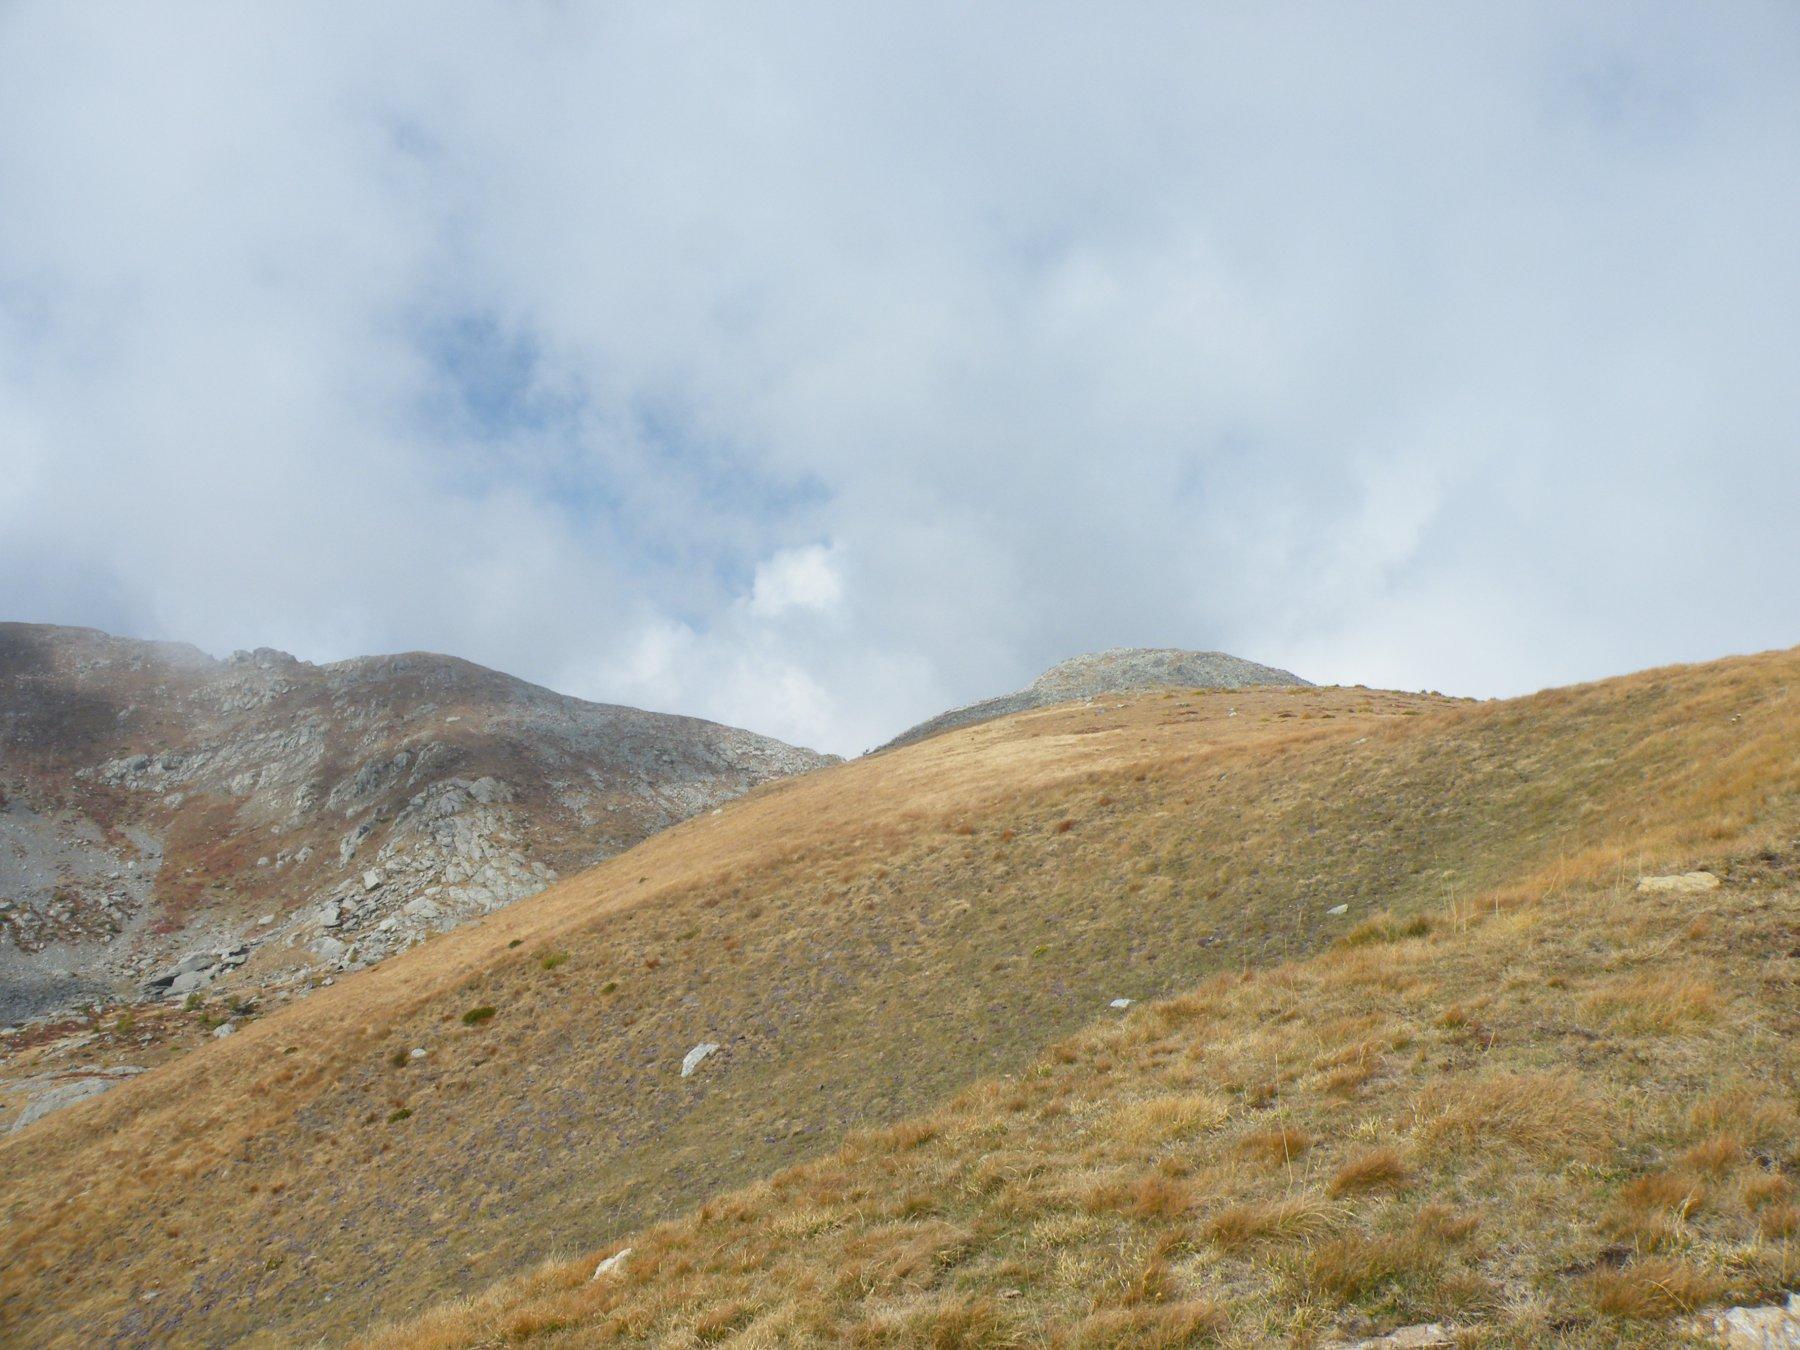 Macruere (Mont) dal Lac des Mesches, anello di cresta dal Pas de Colle Rousse al Pas du Diable 2017-10-01